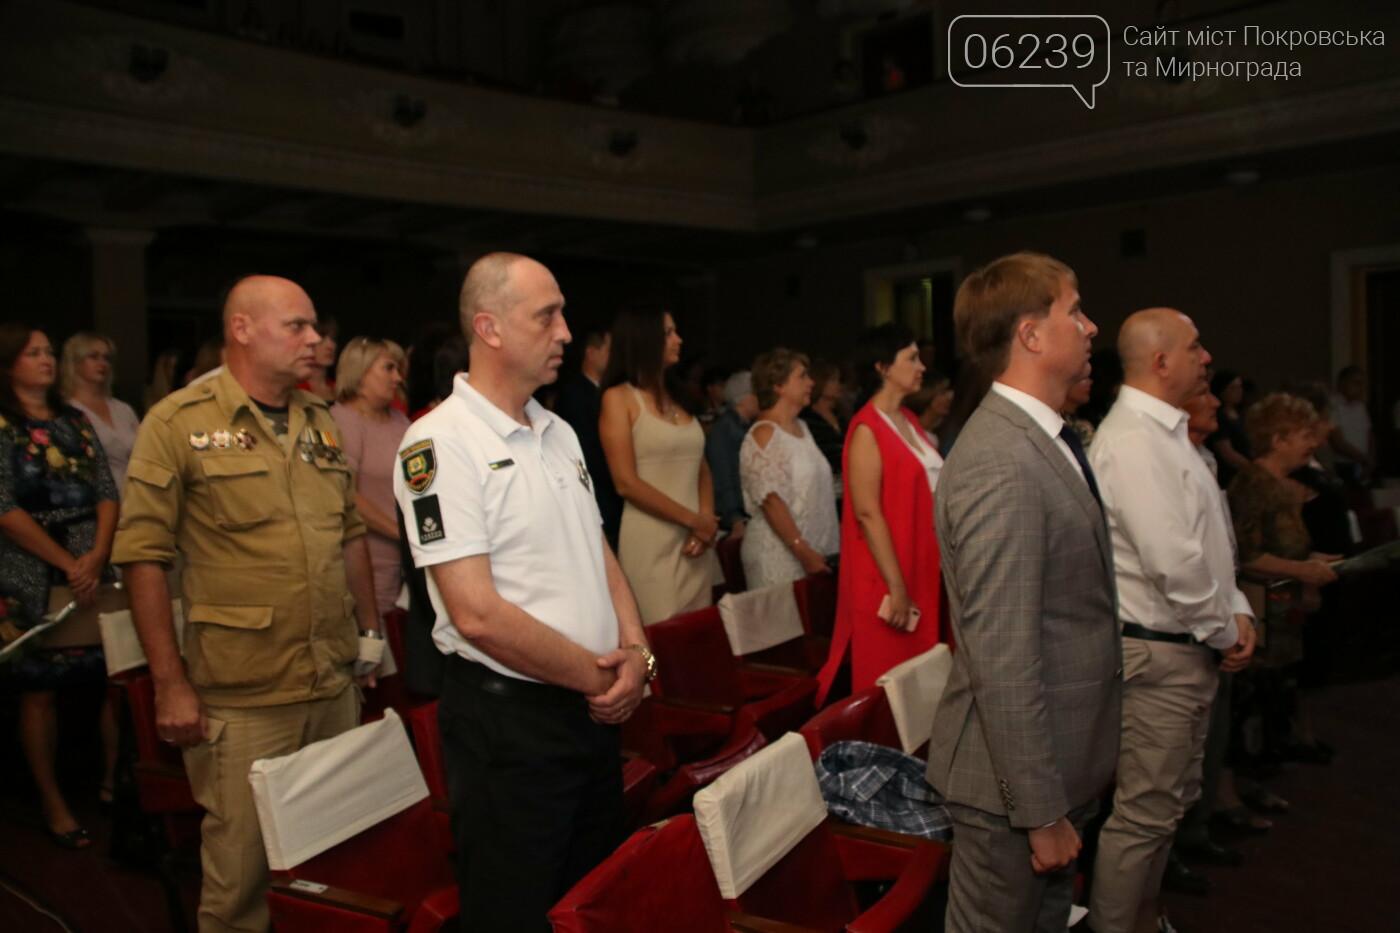 Жителей Мирнограда поздравили с Днем шахтера и Днем города, фото-11